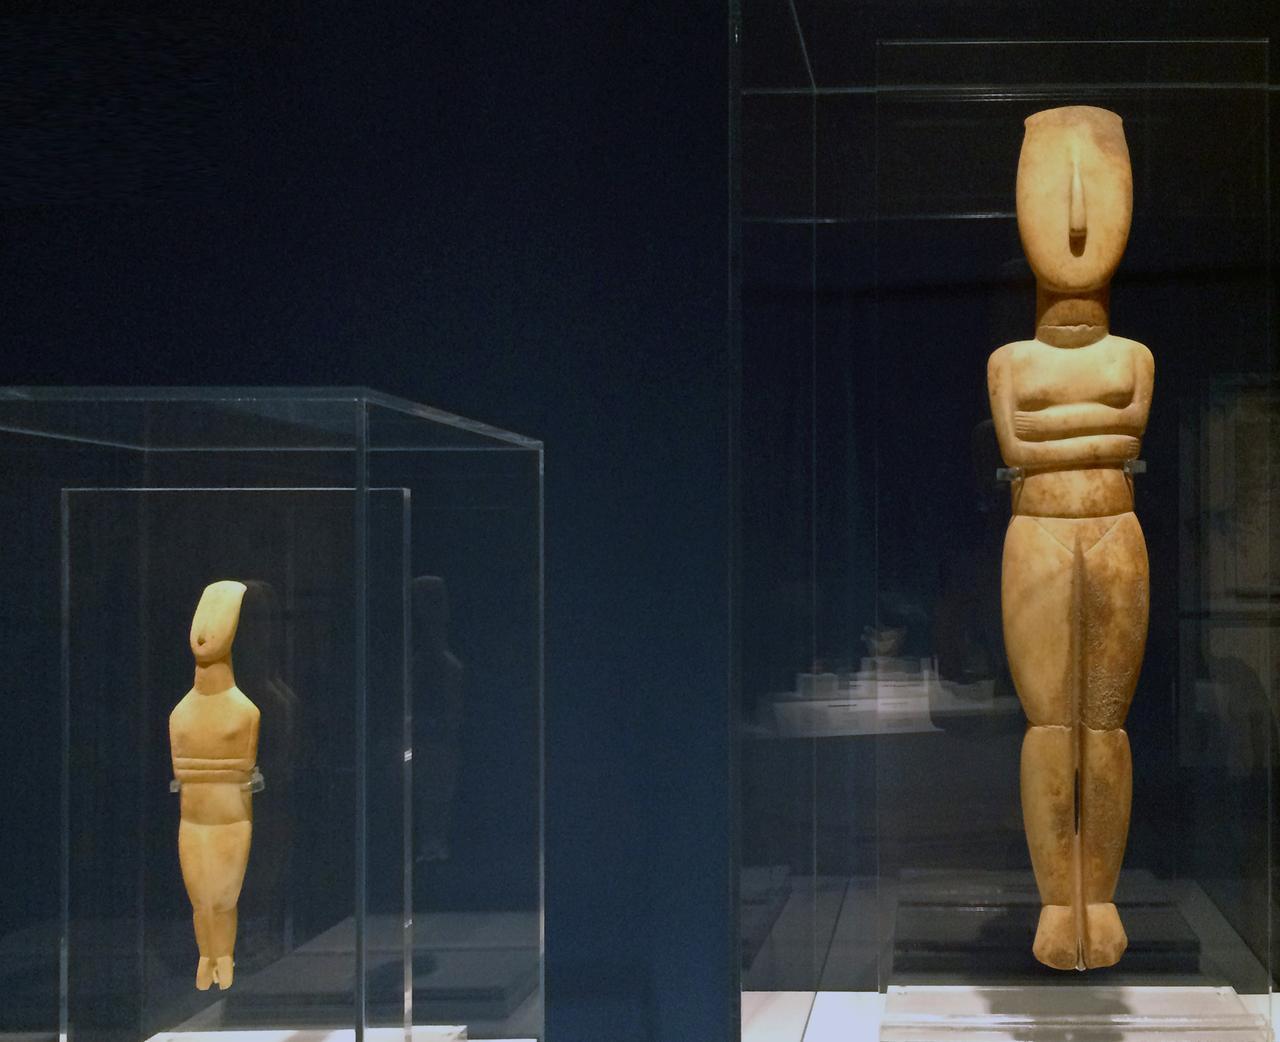 画像: 左:スペドス型女性像 初期キュクラデスⅡ期(前2800~前2300年)/ナクソス島出土か/高33.0cm、幅8.5cm/大理石/キュクラデス博物館蔵 右:スペドス型女性像 初期キュクラデスⅡ期(前2800~前2300年)/クフォニシア群島出土か/高74.3cm、幅16.0cm/大理石/キュクラデス博物館蔵 photo©cinefil